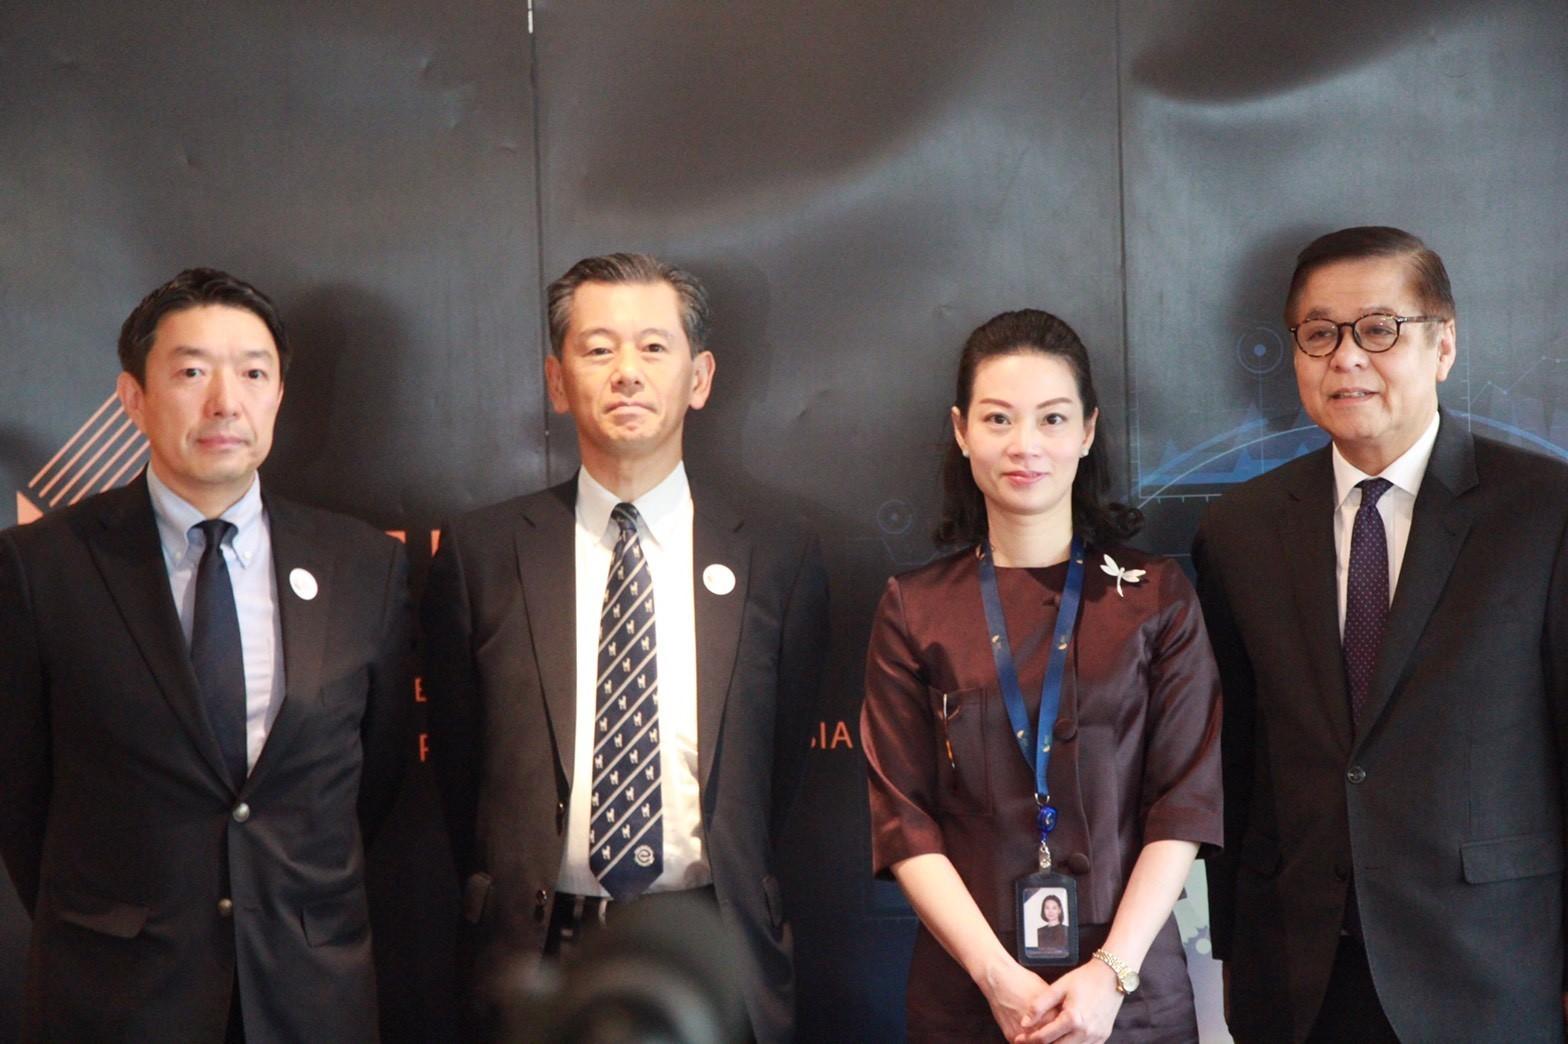 """คณะธุรกิจญี่ปุ่น30รายศึกษาลู่ทางการลงทุนอุตฯการบินใน""""อีอีซี"""""""